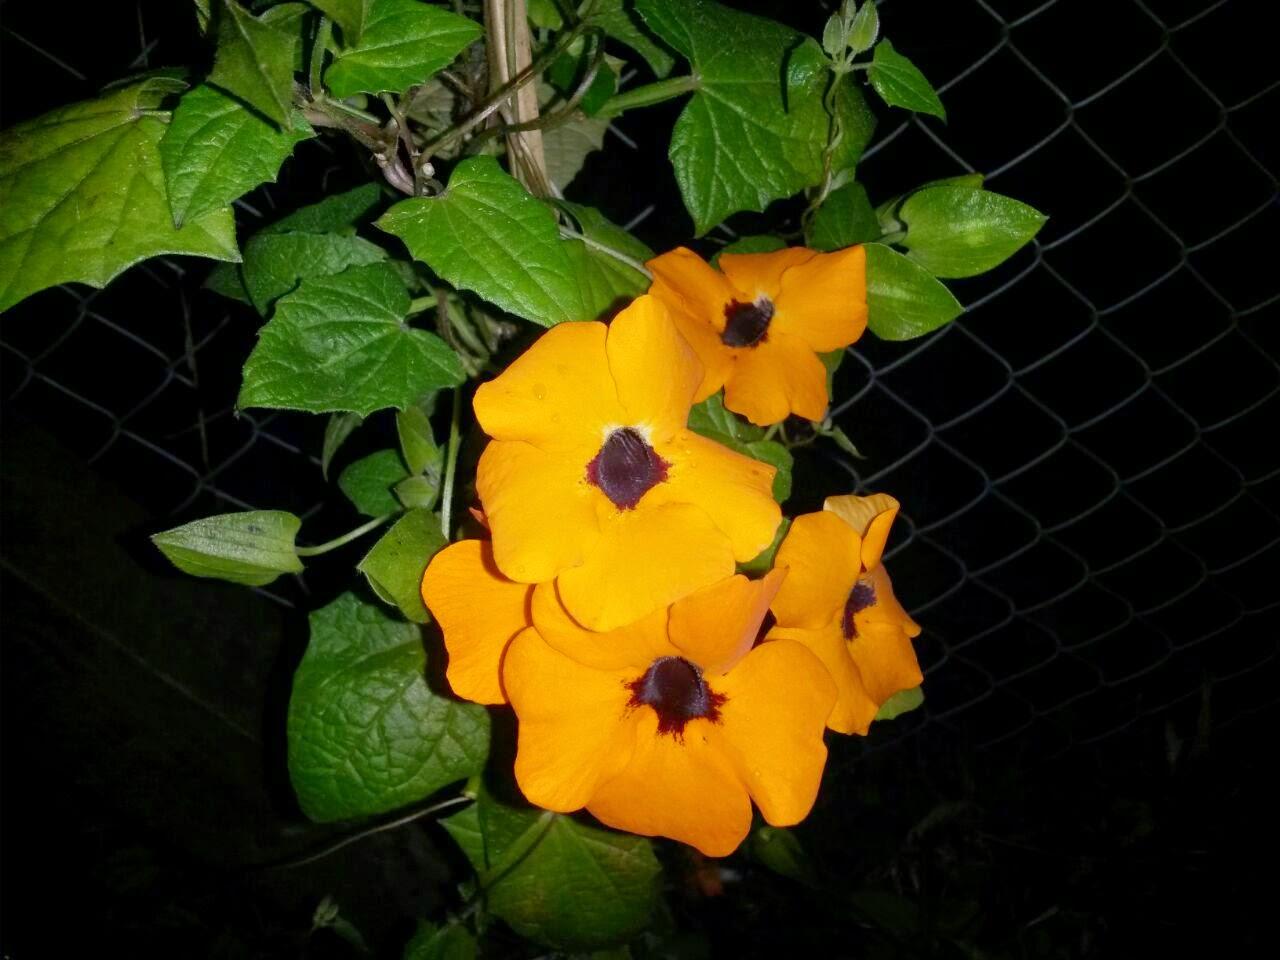 Que flor es esta?